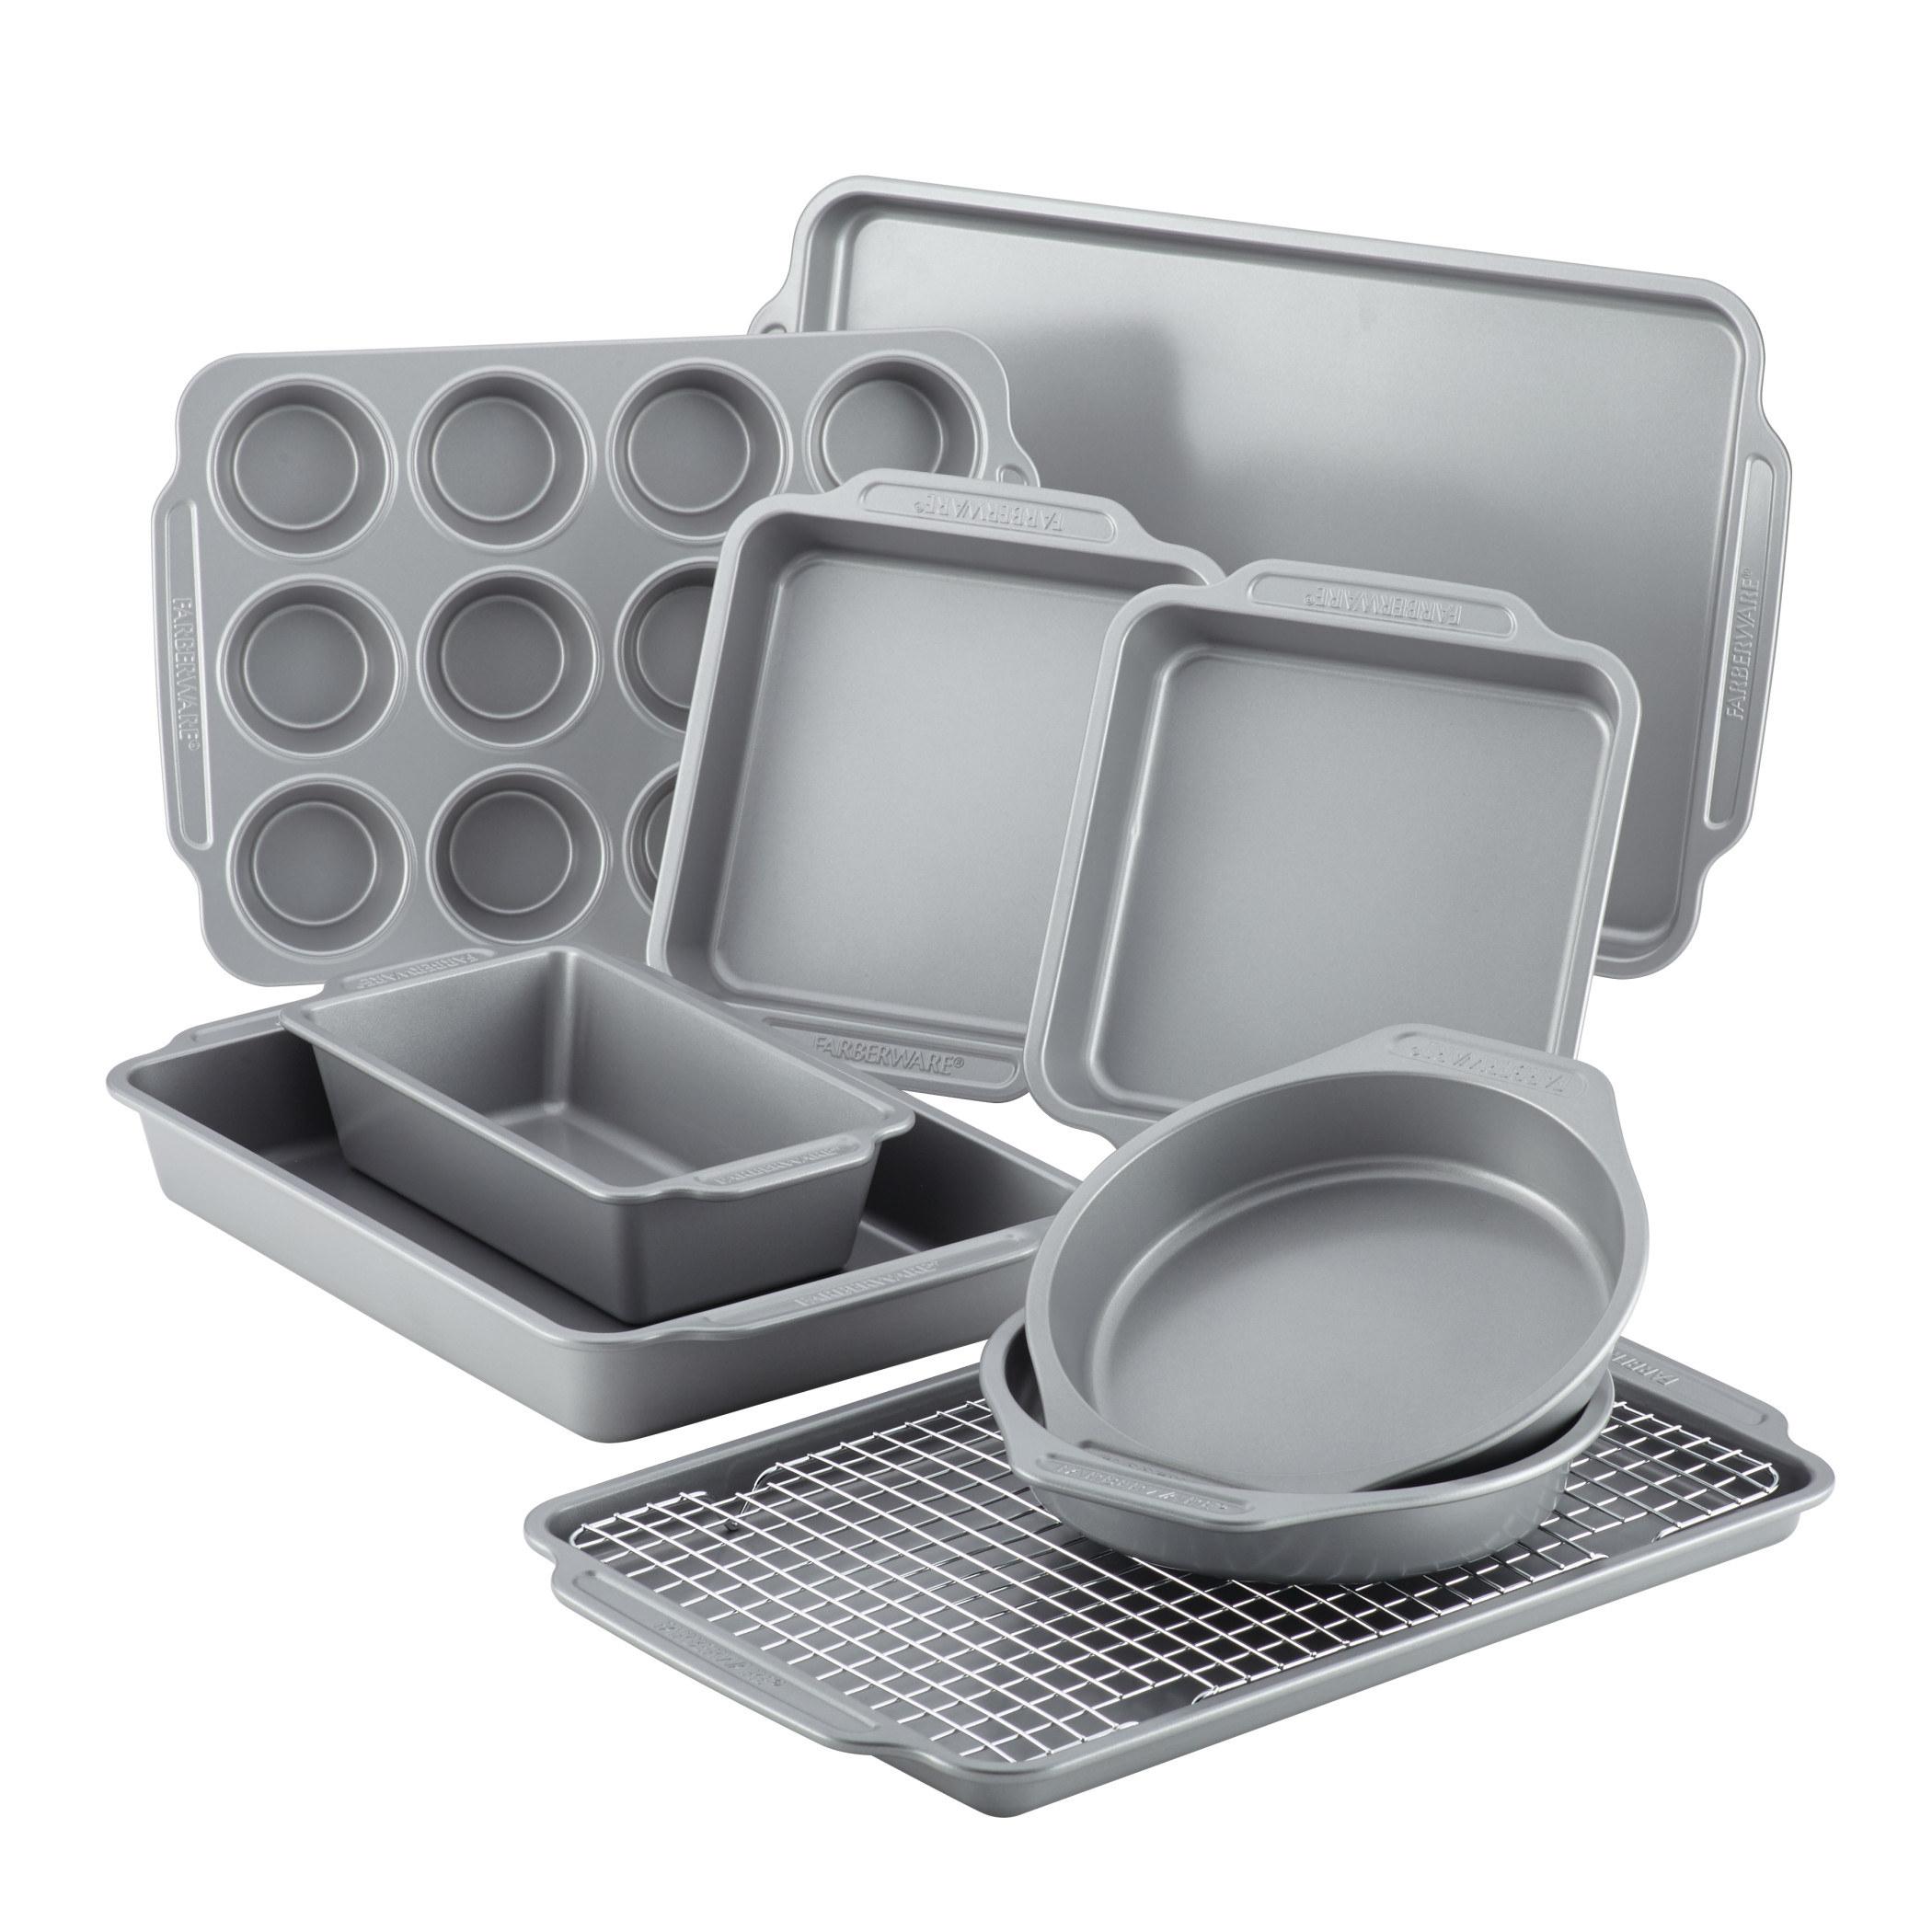 Theten-piece nonstick bakeware set and cooling rack